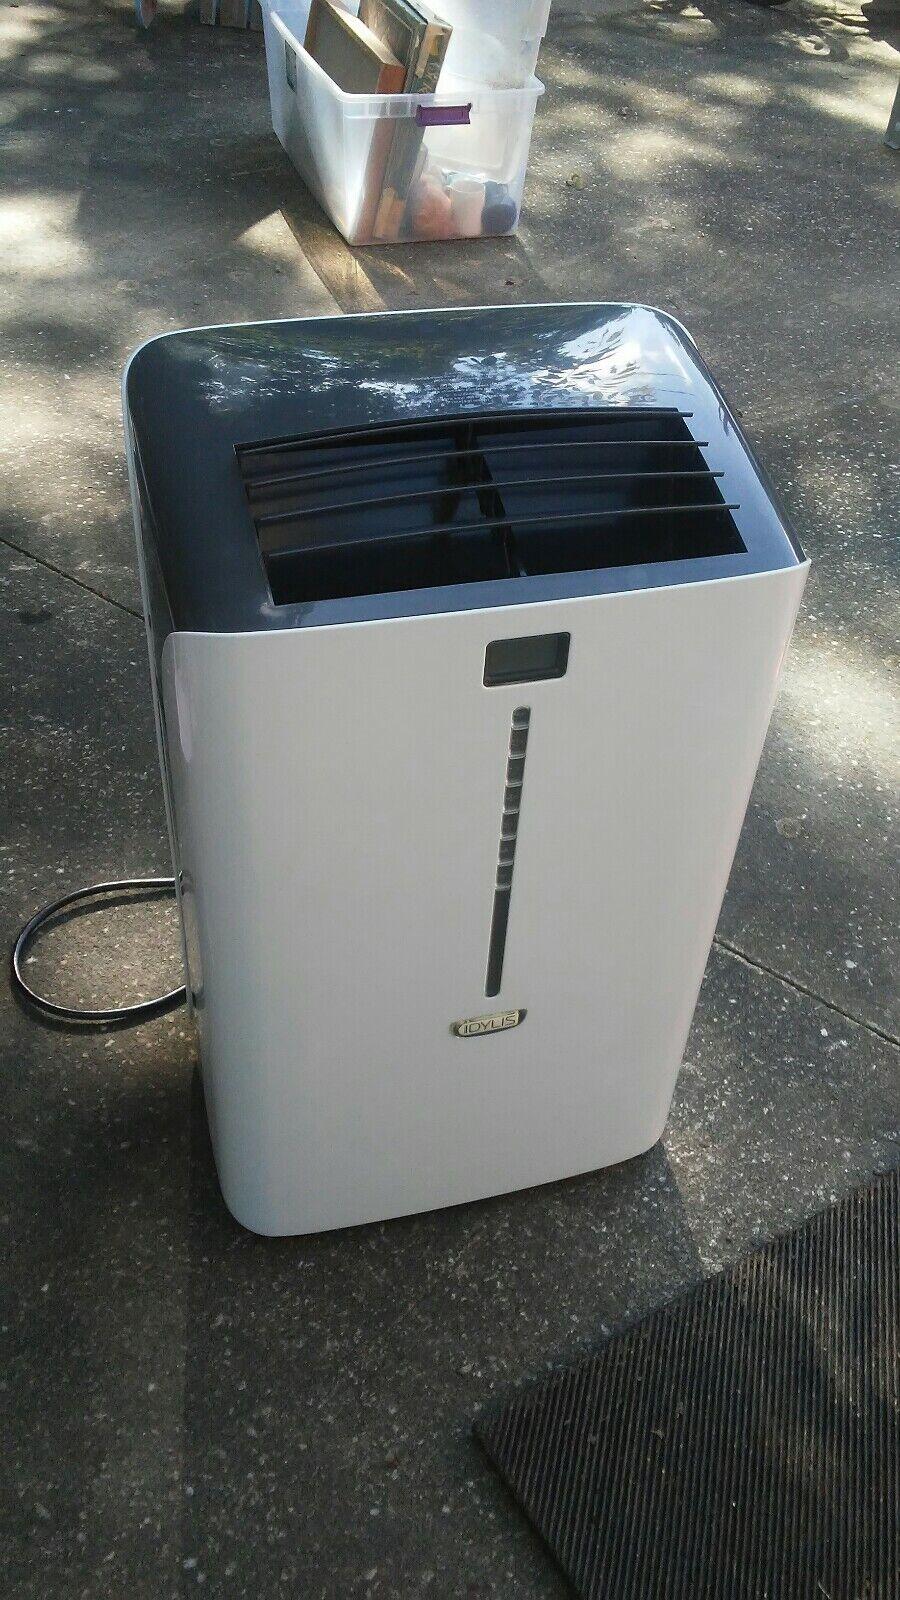 416709   idylis portable air conditioner   en-us.